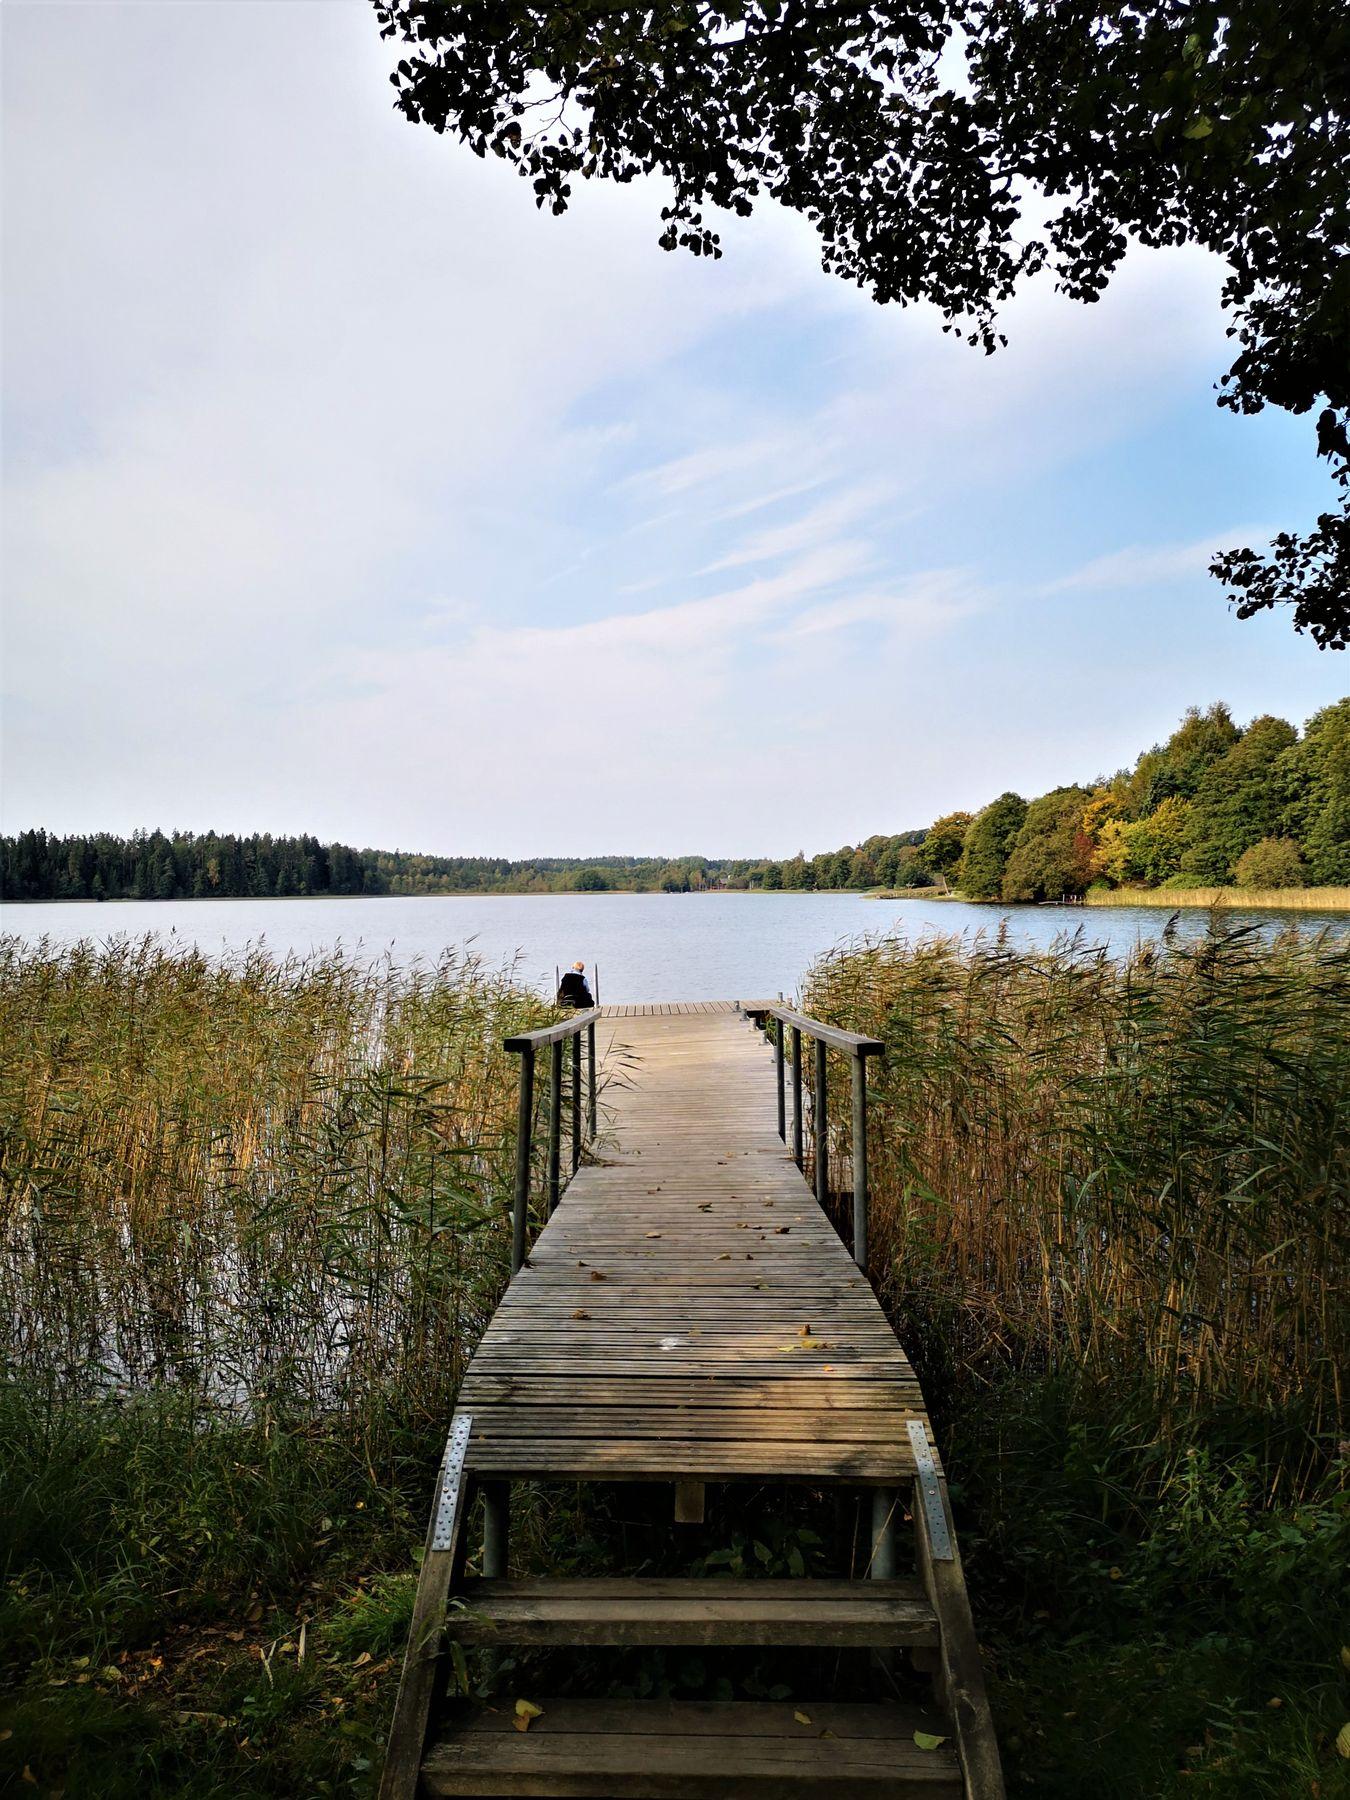 7_Plateliai_surroundings_antanaviciute_Berzoras_lake